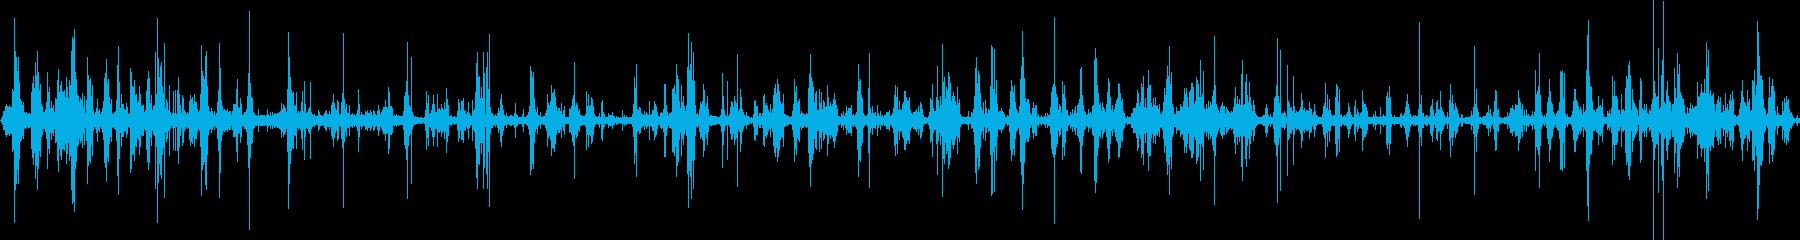 【自然音】浜辺01(蒲郡)の再生済みの波形